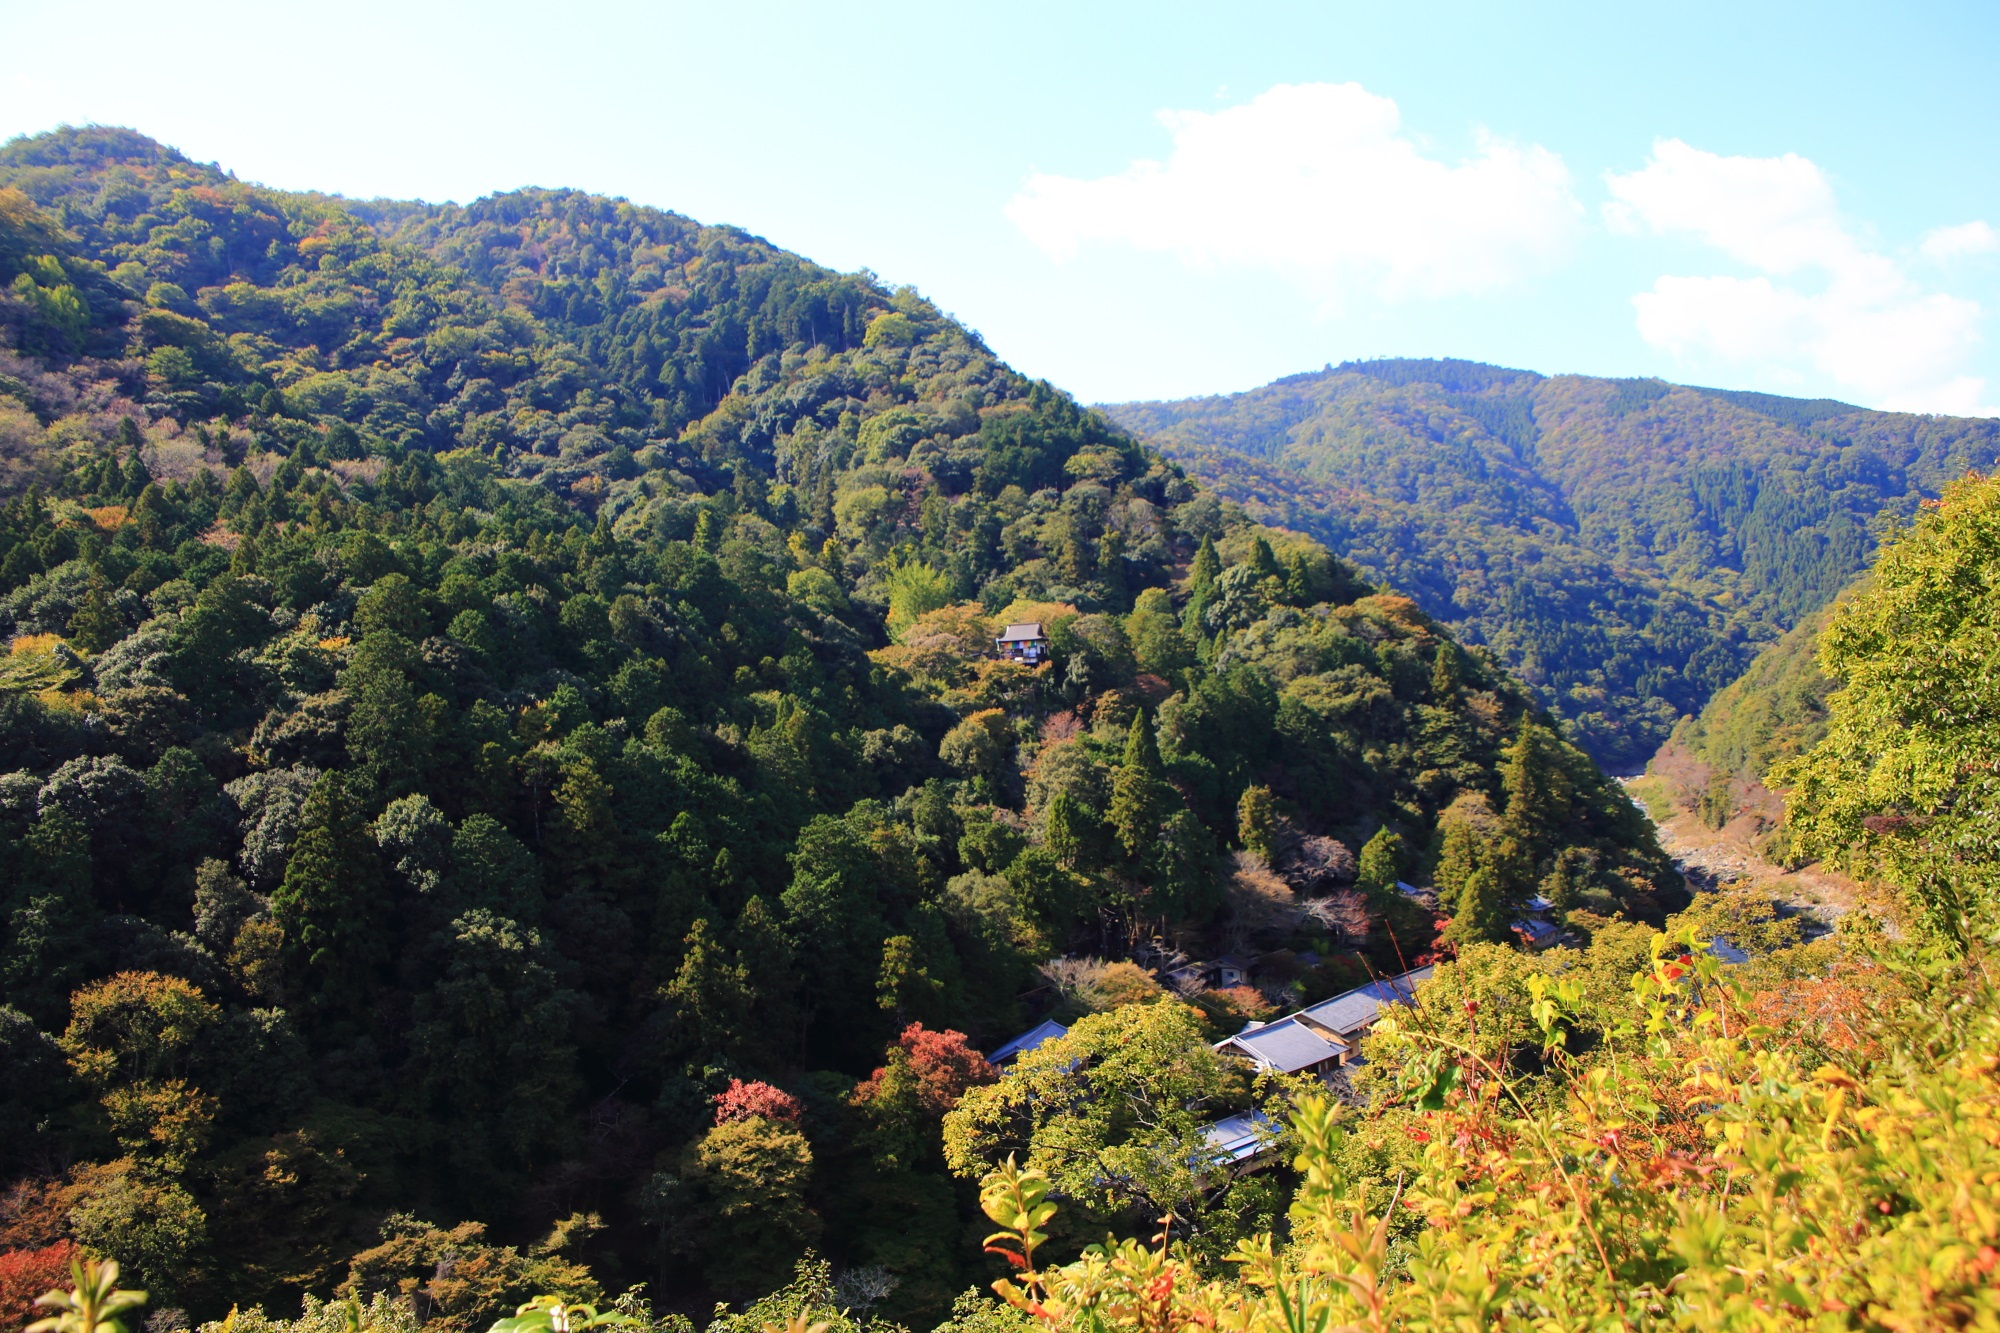 嵐山公園 亀山地区の展望台から眺める嵐山と大悲閣 千光寺